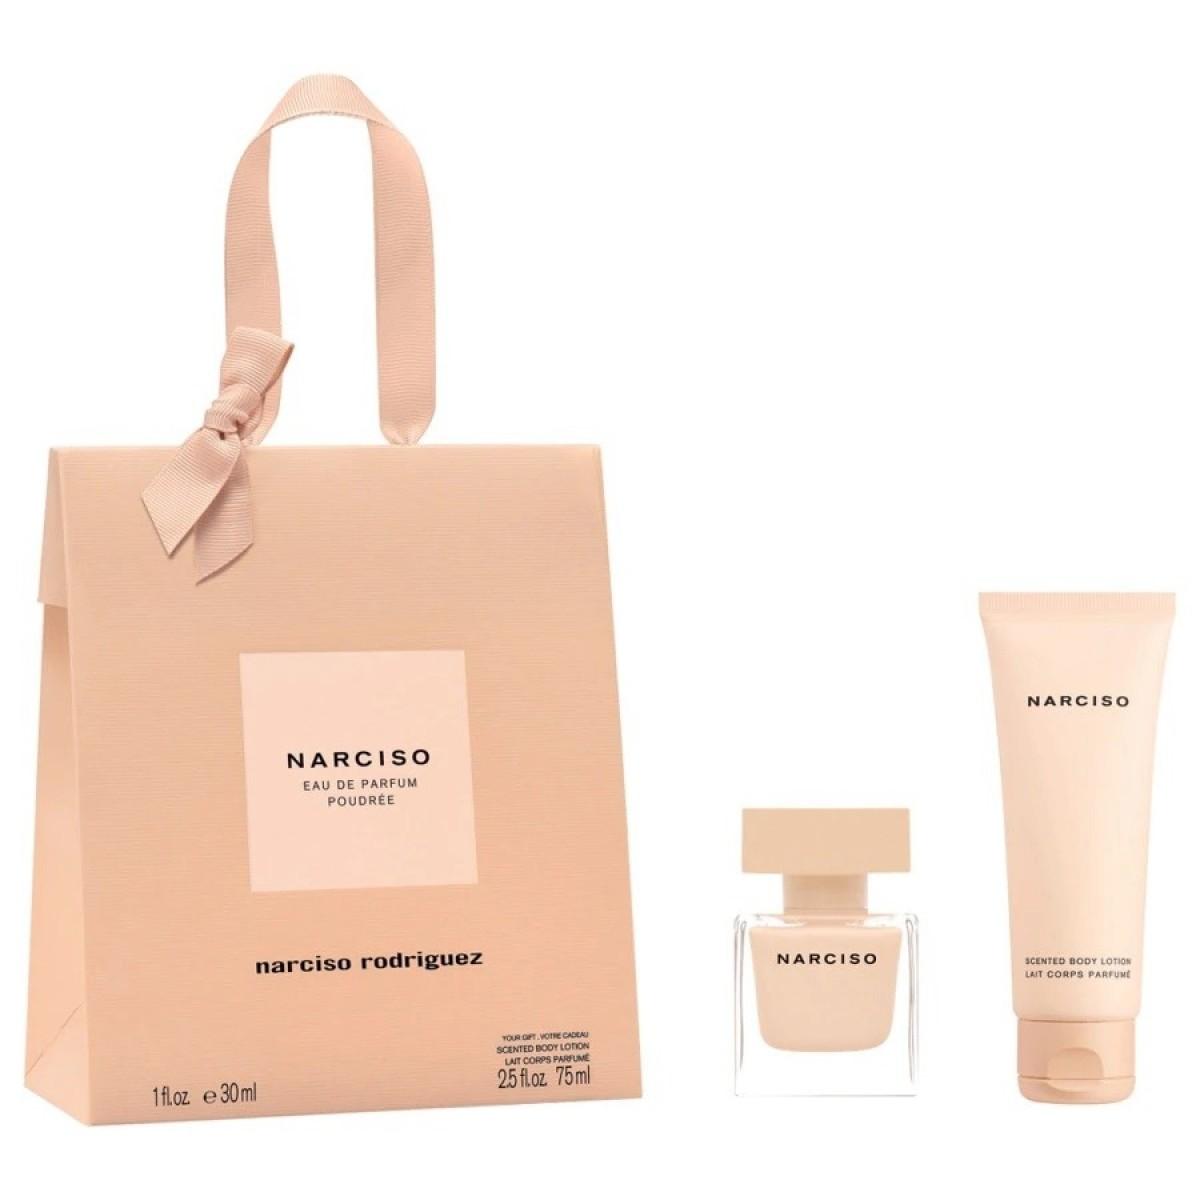 Narciso Eau de Parfum Poudree Set